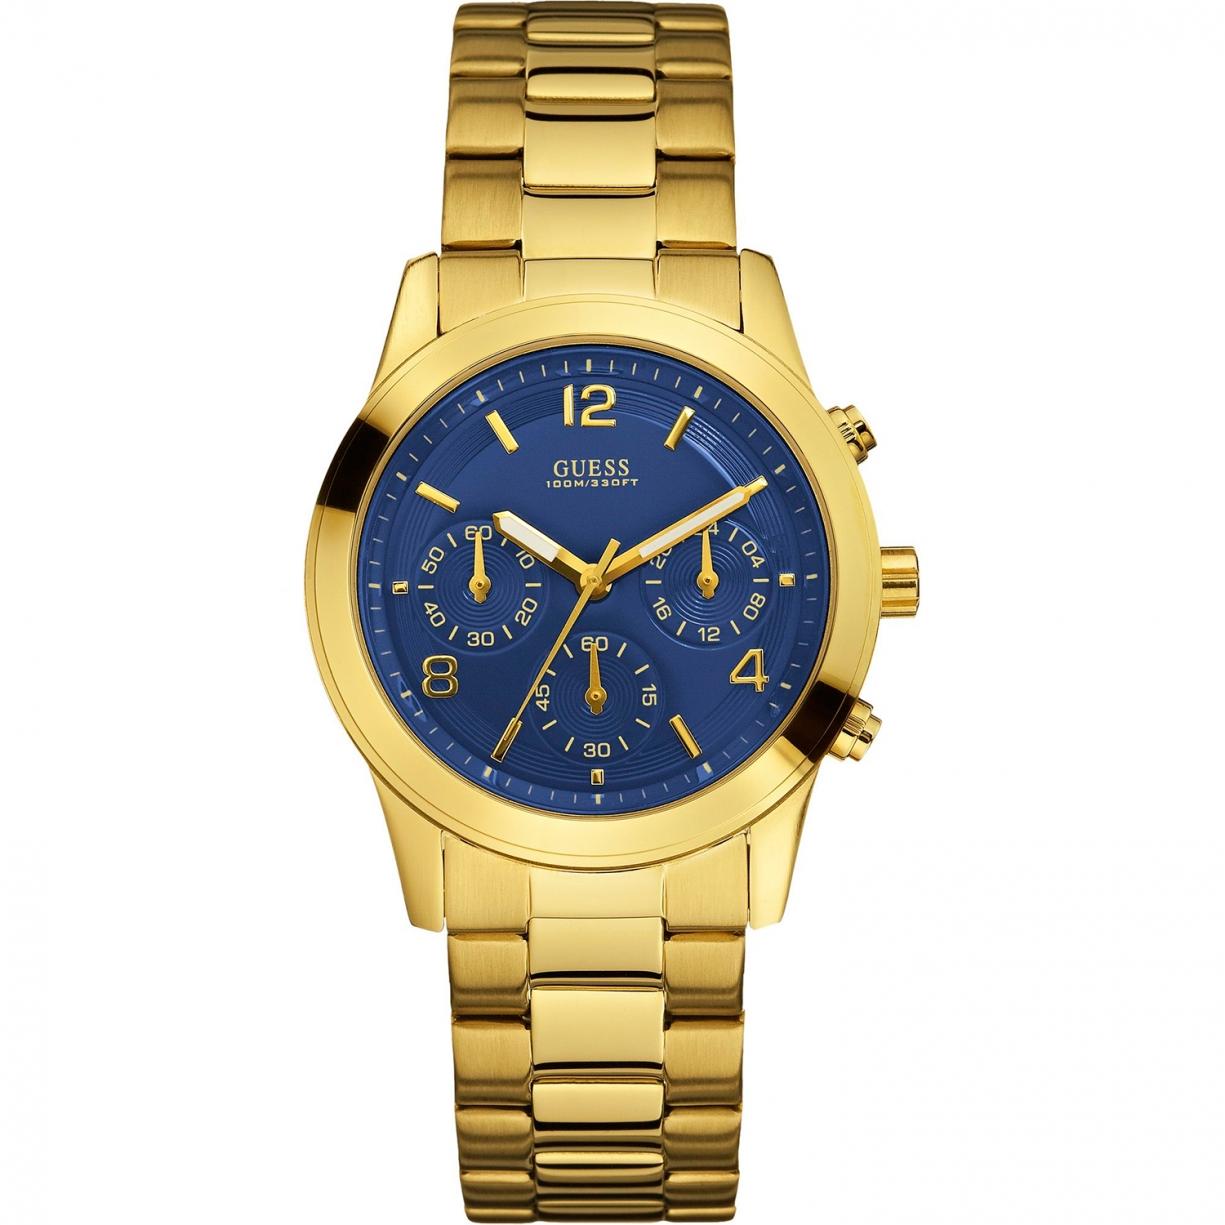 0af5a57c49a1 Reloj De Pulsera Guess Analogico Para Mujer. Modelo W13552l2